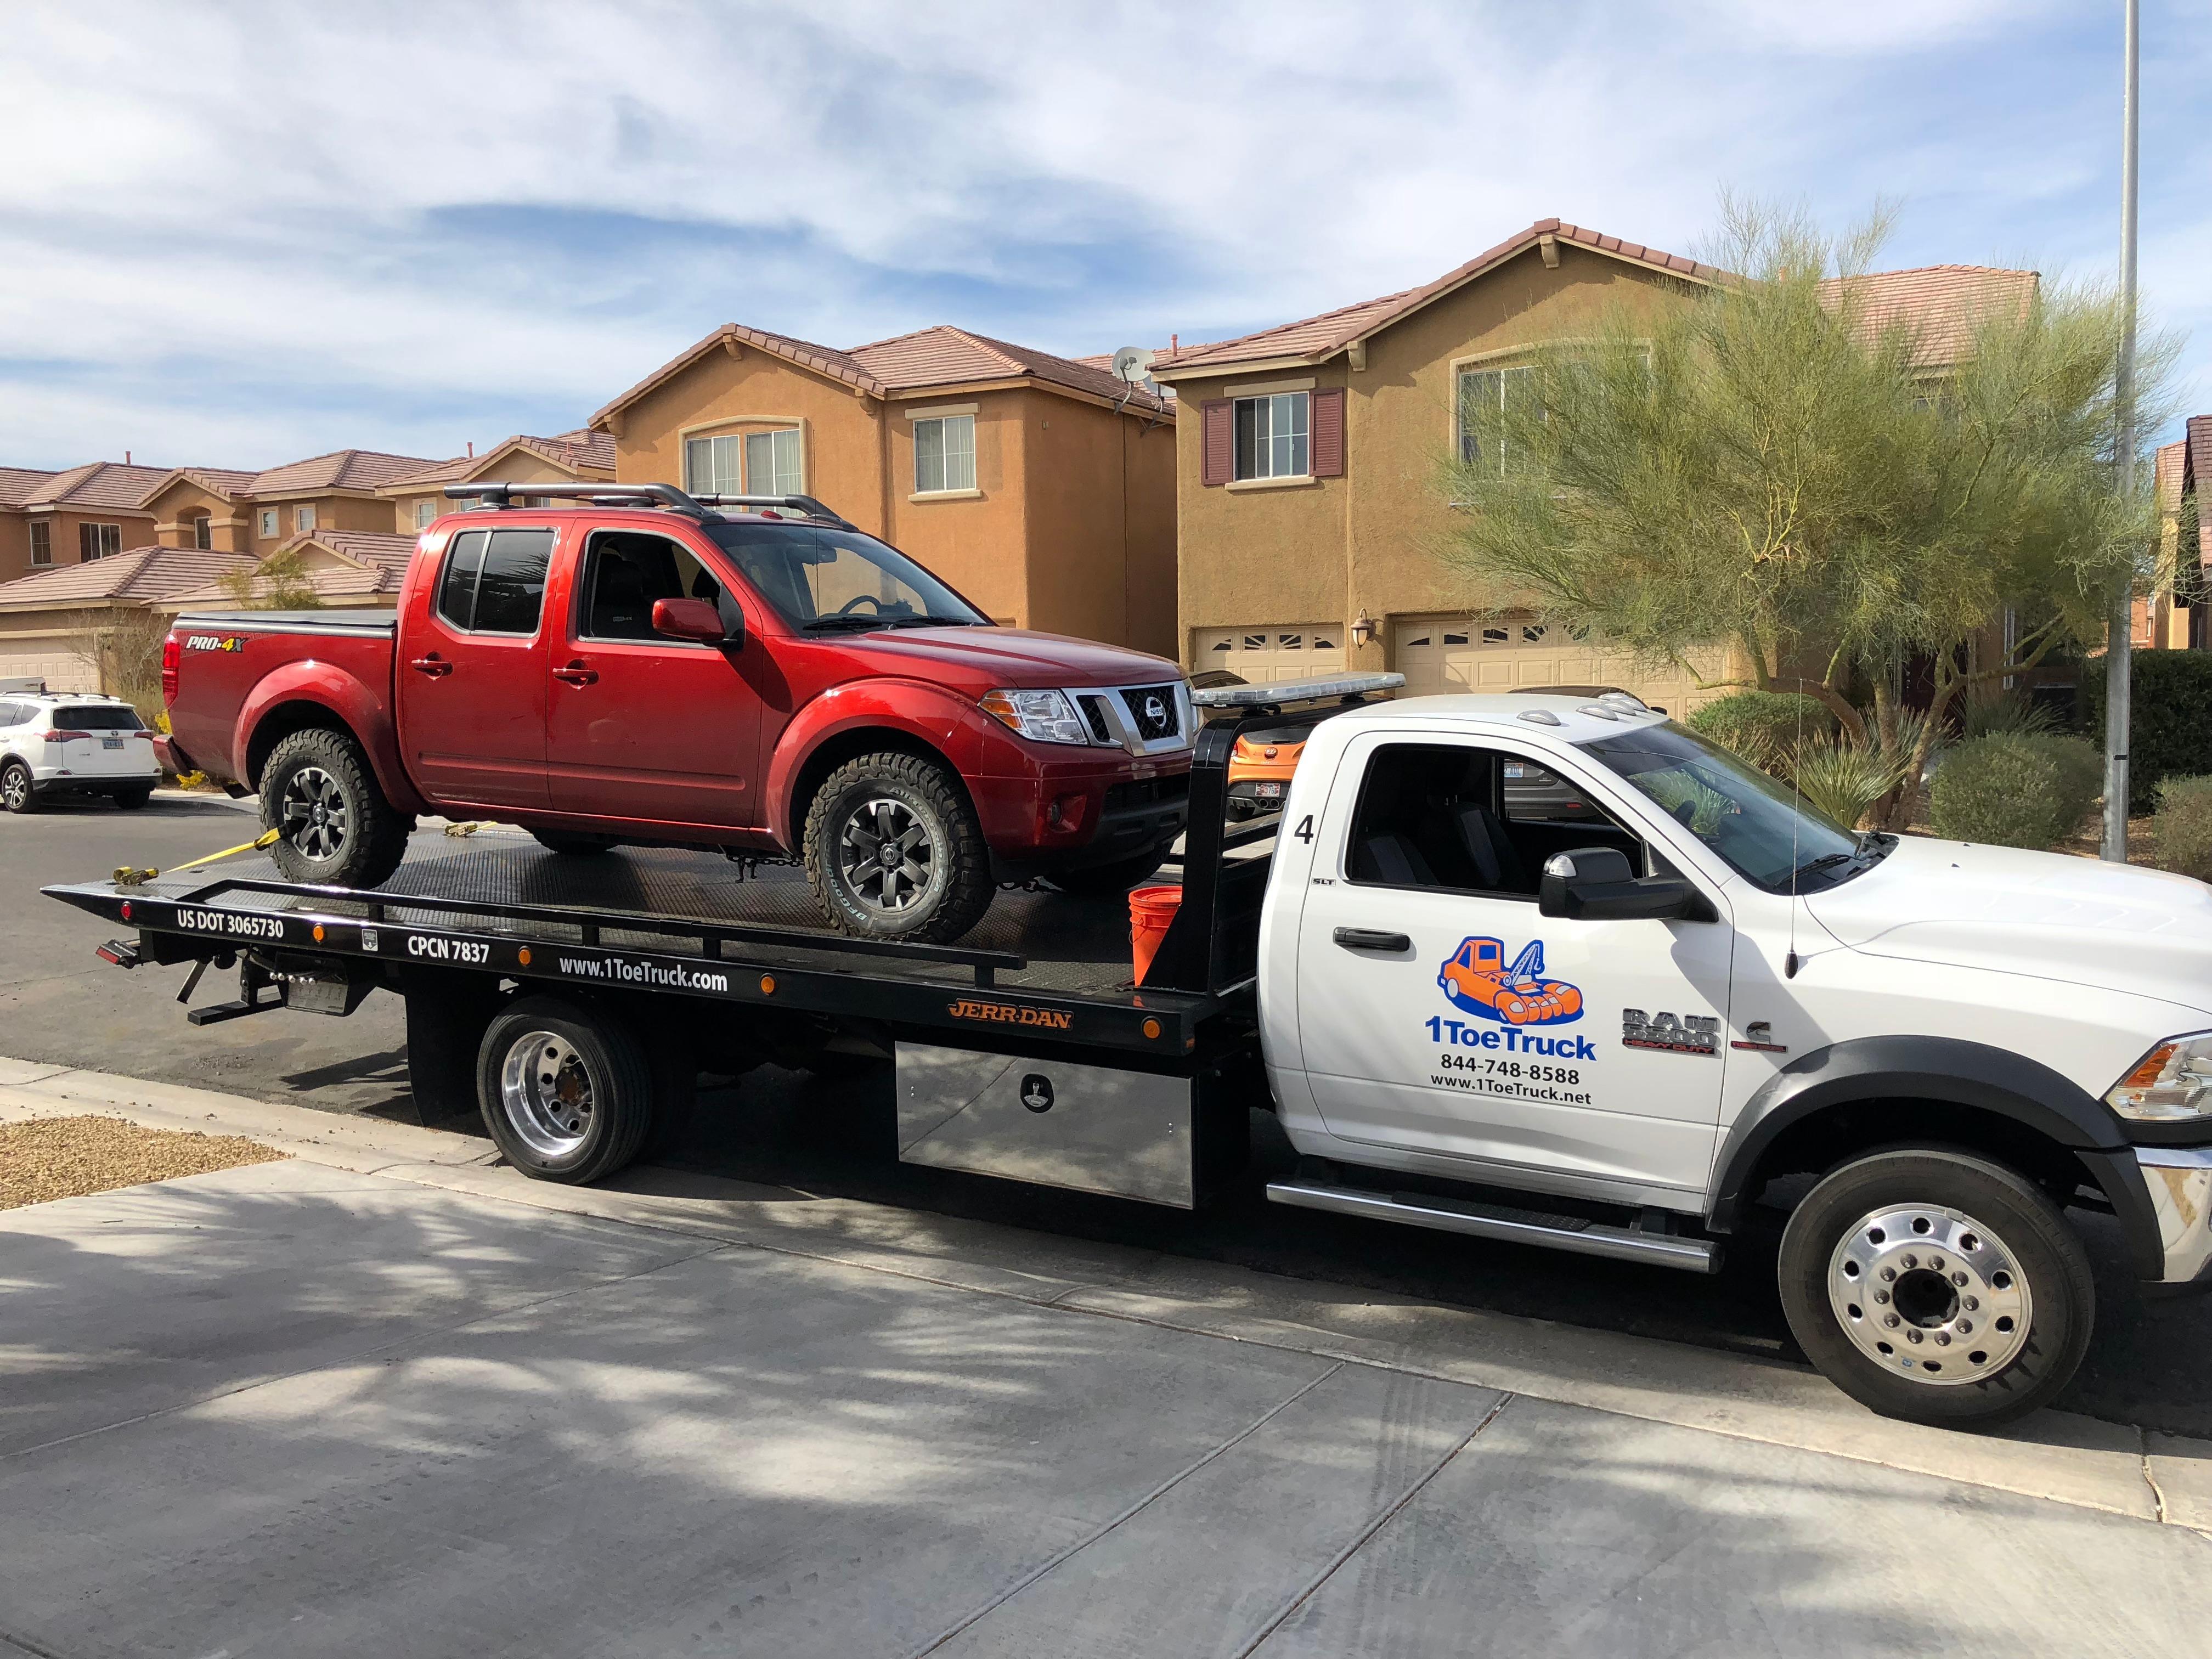 1 Toe Truck, LLC image 3